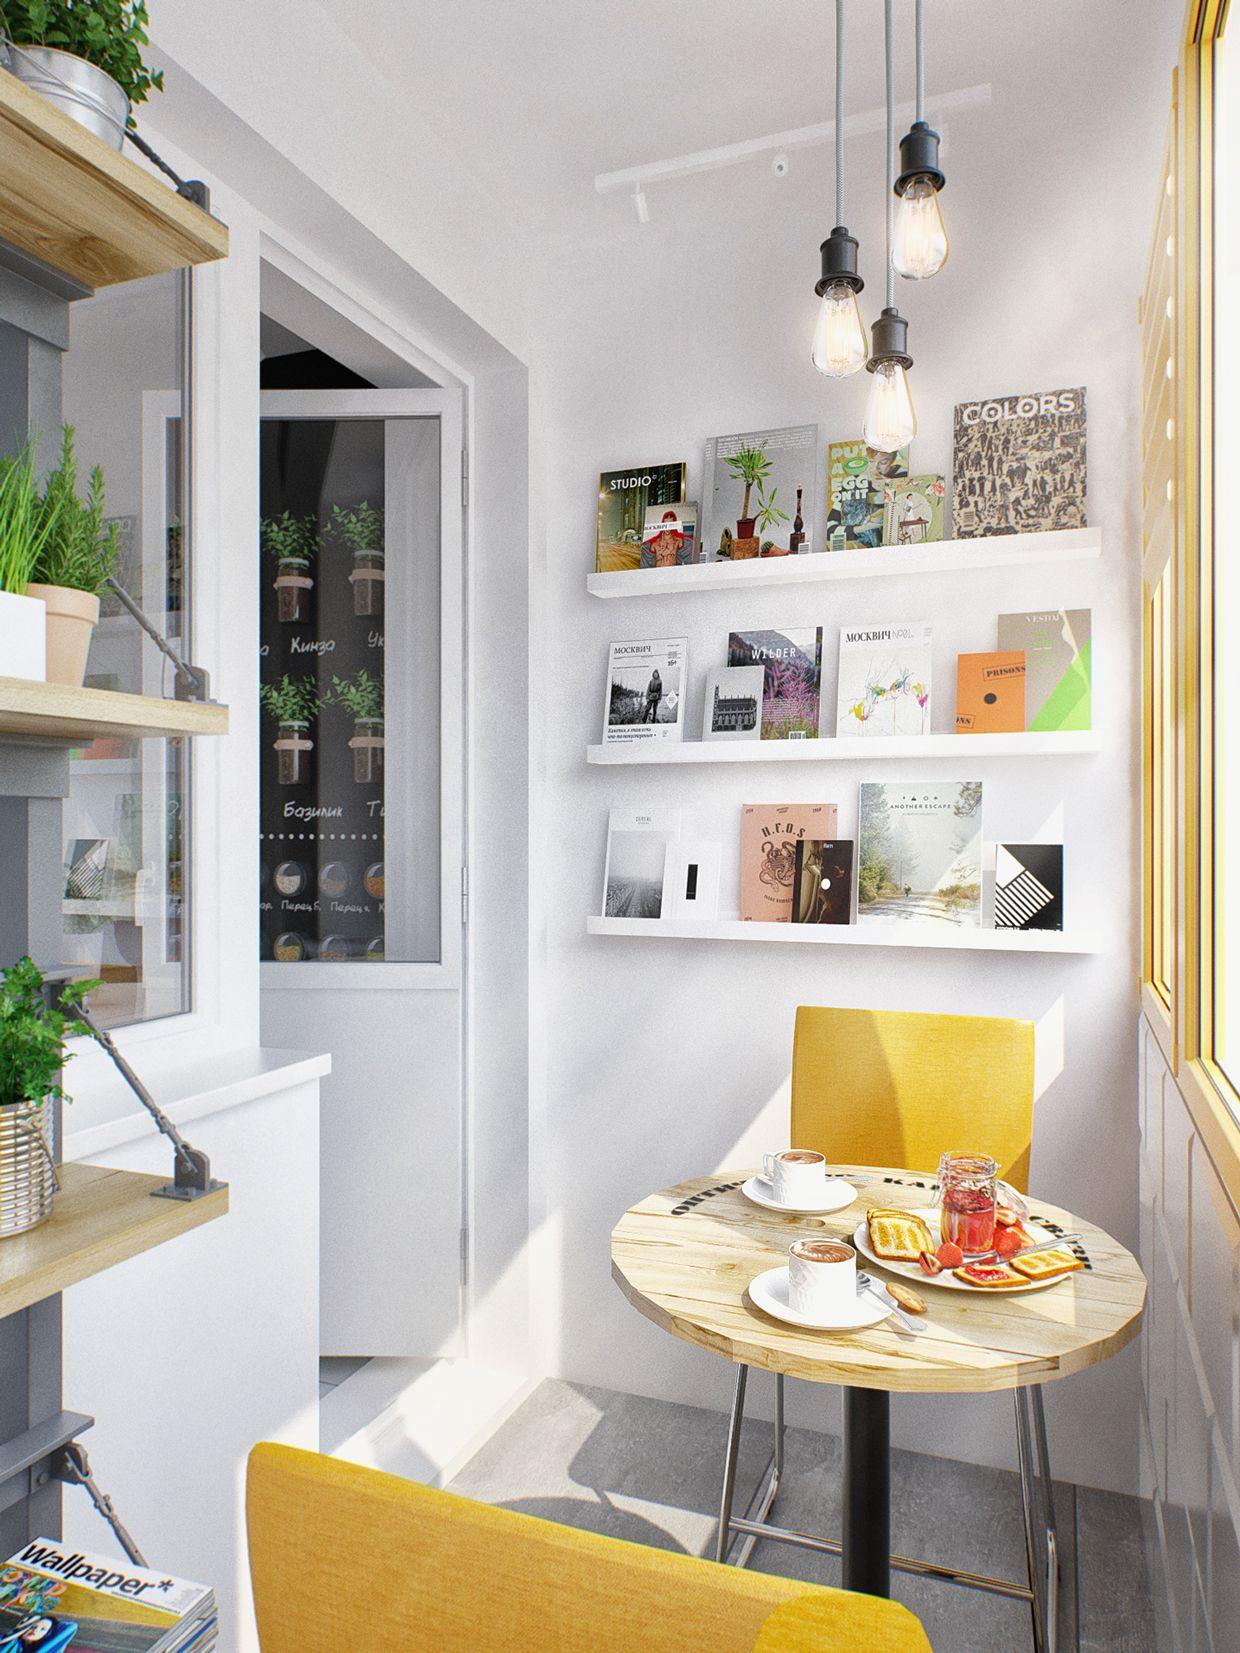 kleine wohnung modern und funktionell einrichten_ kleiner balkon kreativ einrichten mit gelben sthlen und rundholztisch - Wie Man Ein Kleines Studioapartment Einrichten Kann